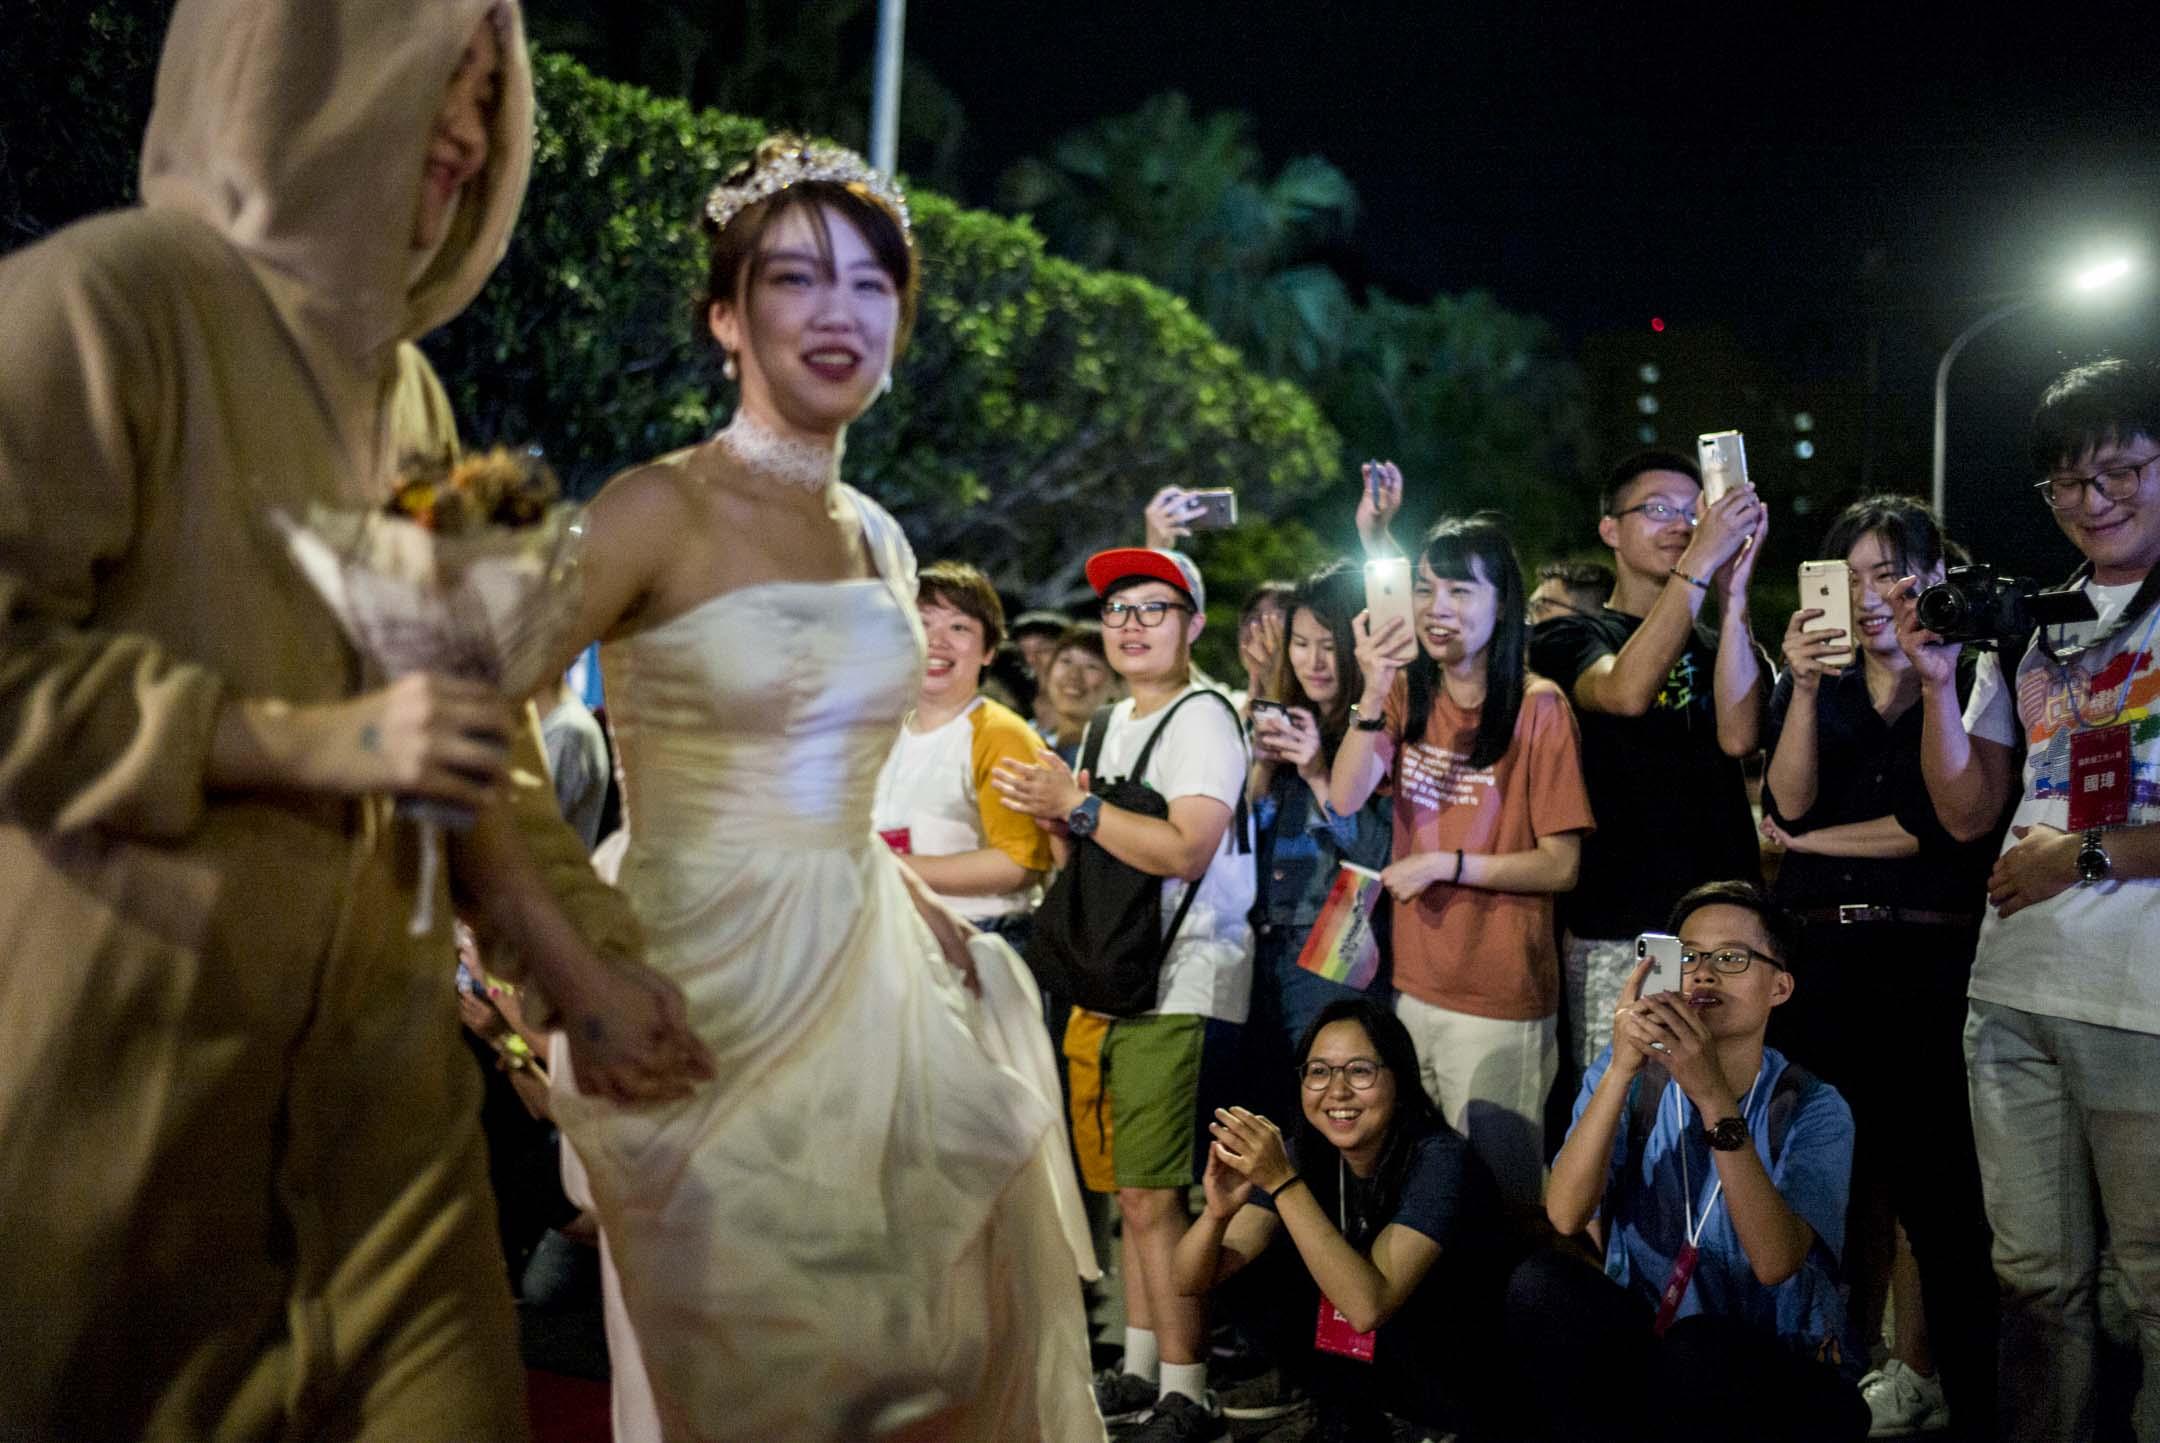 2019年5月25日,台灣伴侶權益推動聯盟在總統府前凱達格蘭大道舉辦「2019凱道同婚宴」,總計超過一百席,有超過1600人參與,場面盛大,現場也有20對新人進行證婚儀式。 攝:林振東/端傳媒